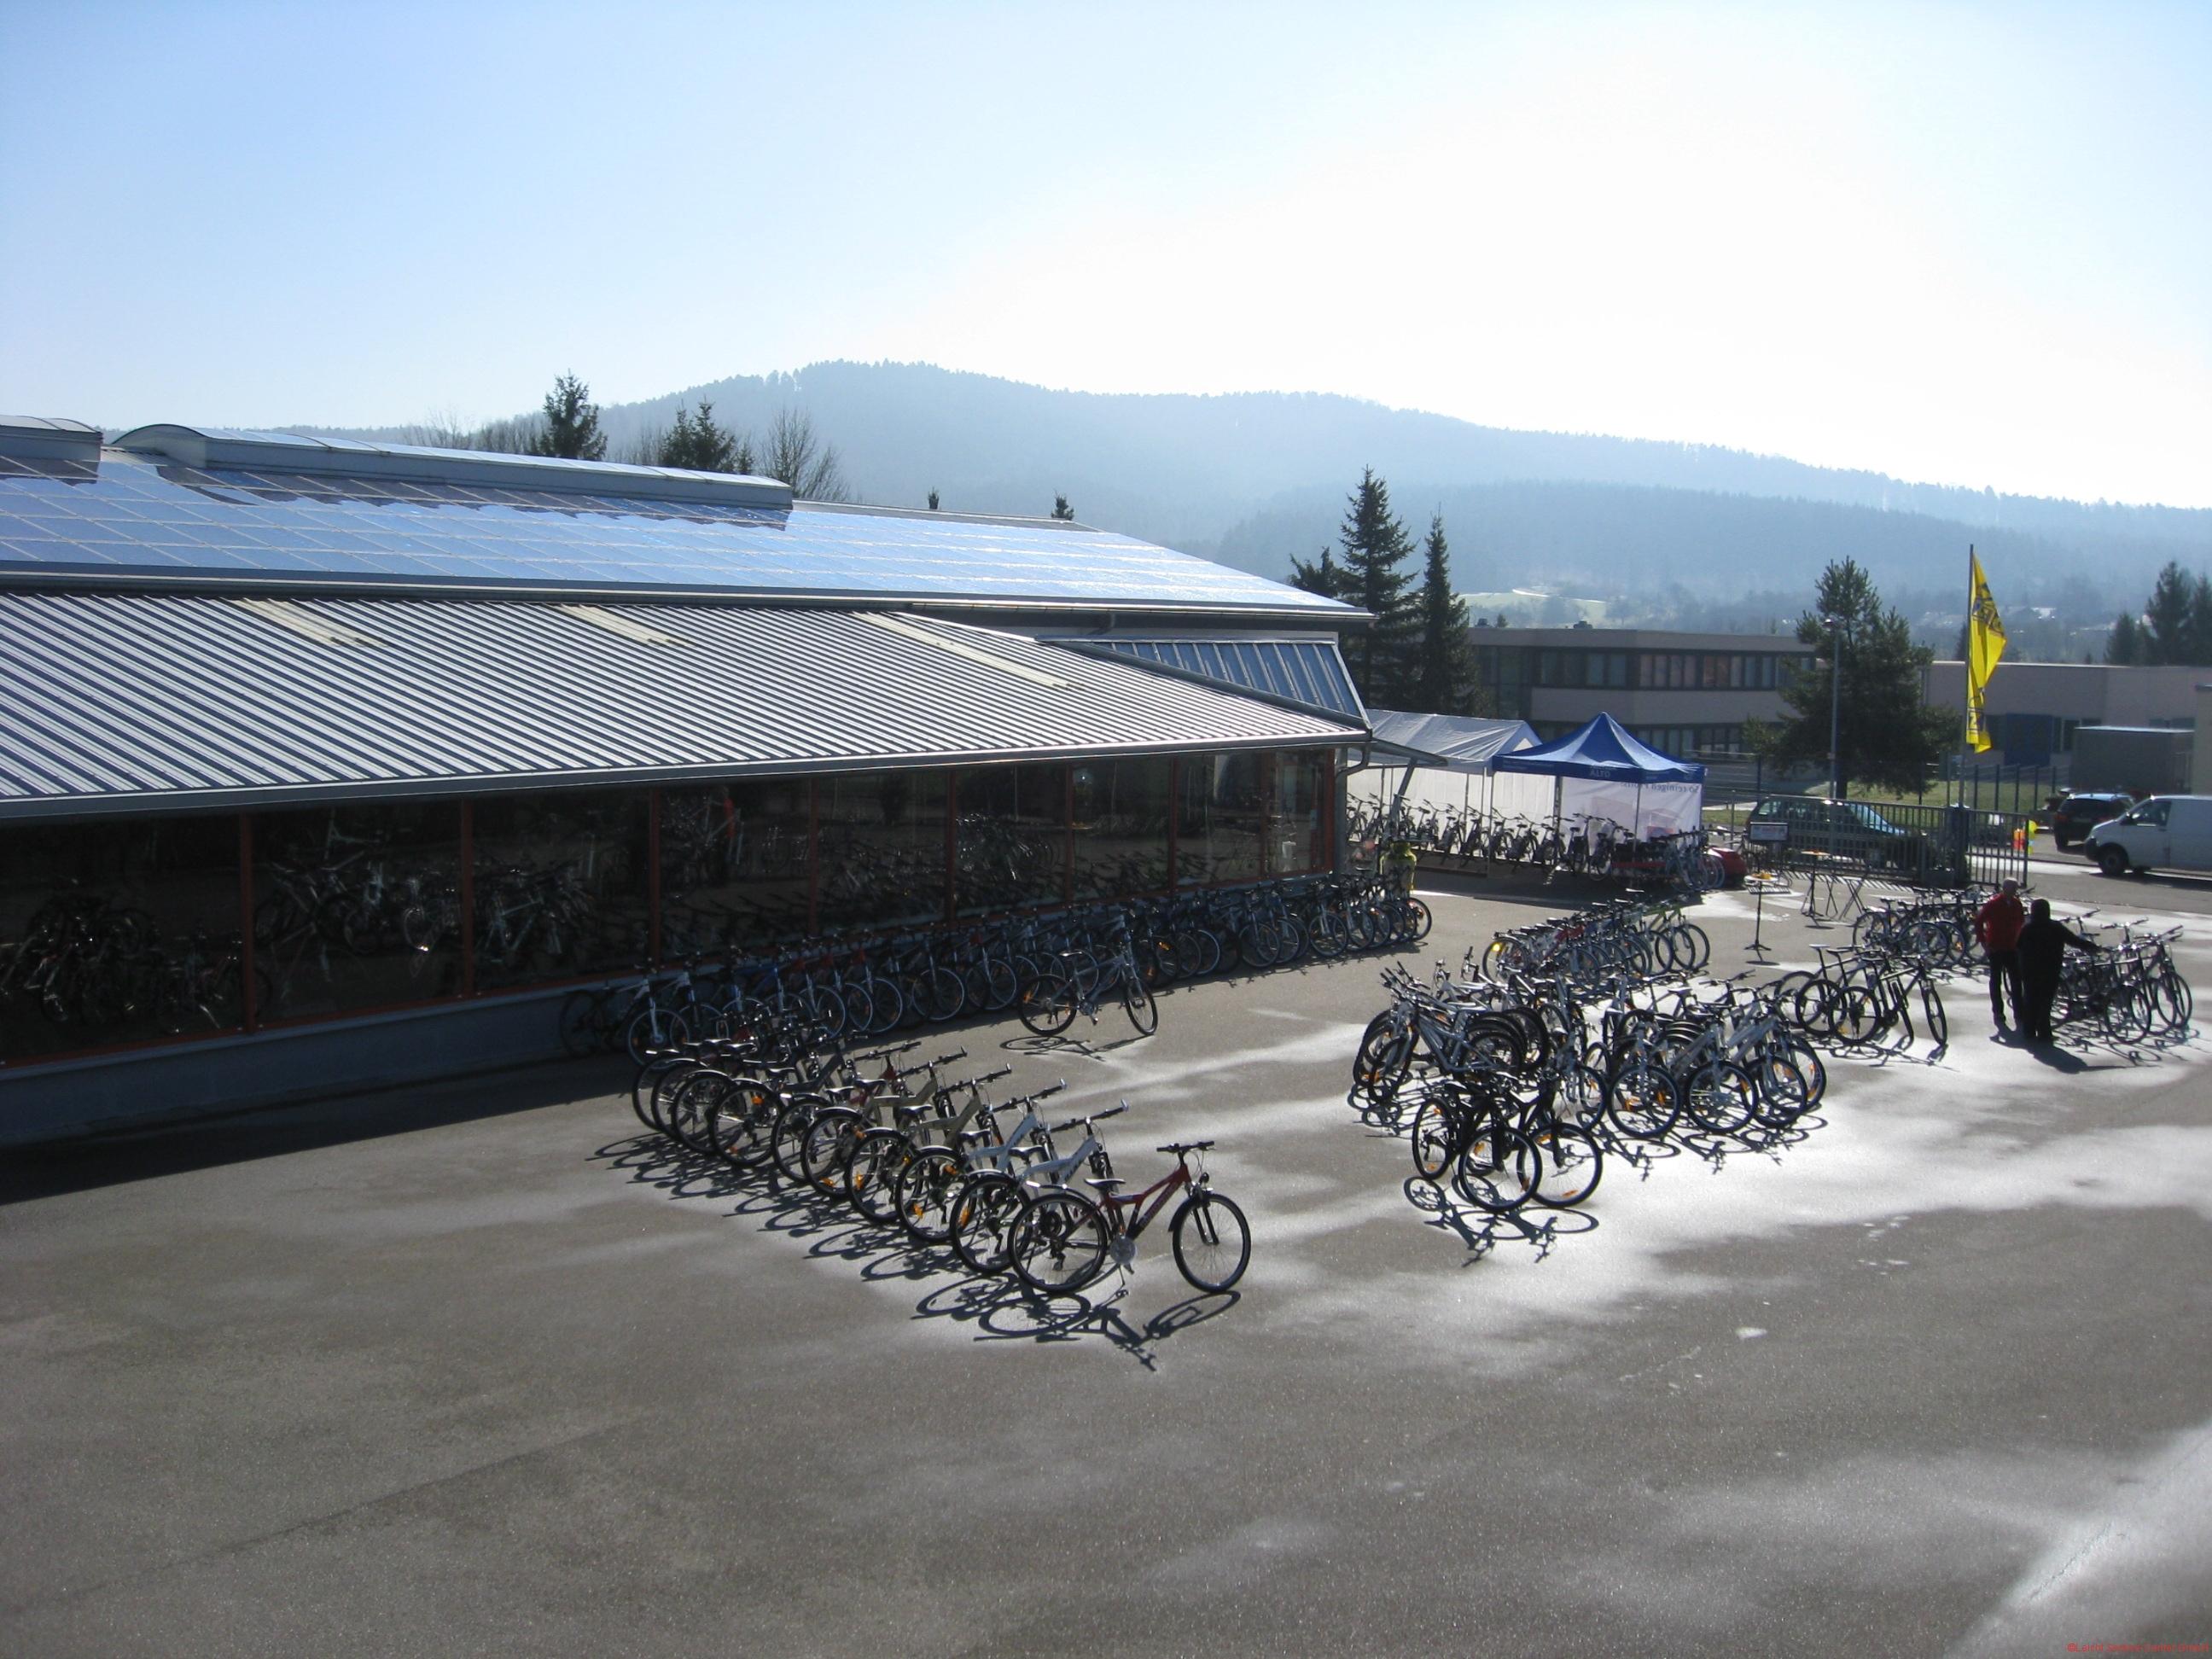 Fahrrad-Sonderschau 2011-03-20 11-09-42